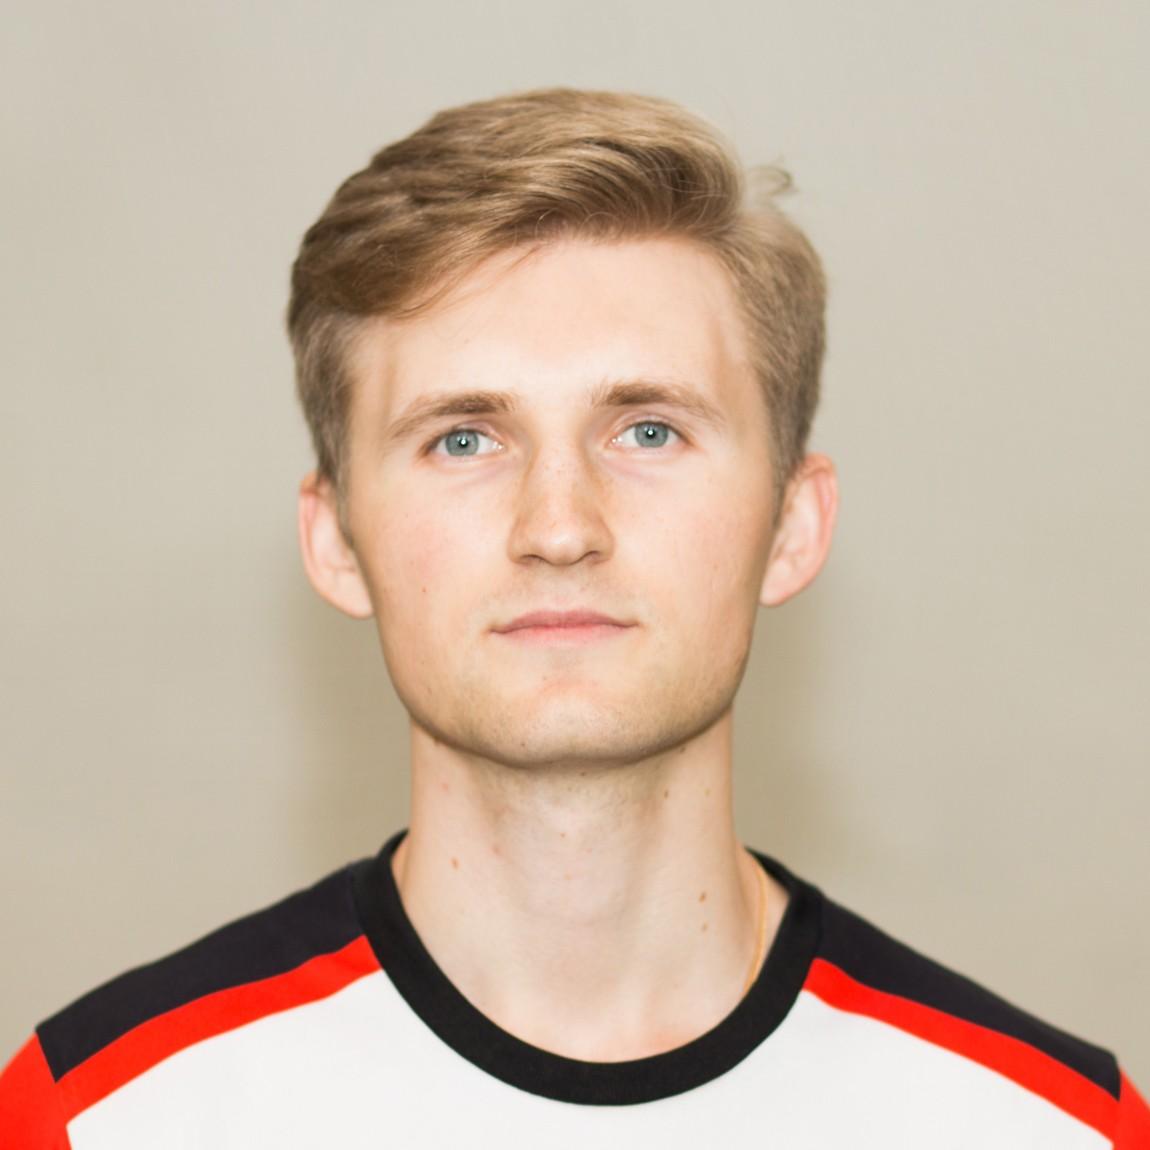 Начал заниматься футболом с 7 лет( закончил академию СДЮШОР Трудовые резервы).  Тренерский стаж больше 5 лет.  Тренерская лицензия категории С ( УЕФА)